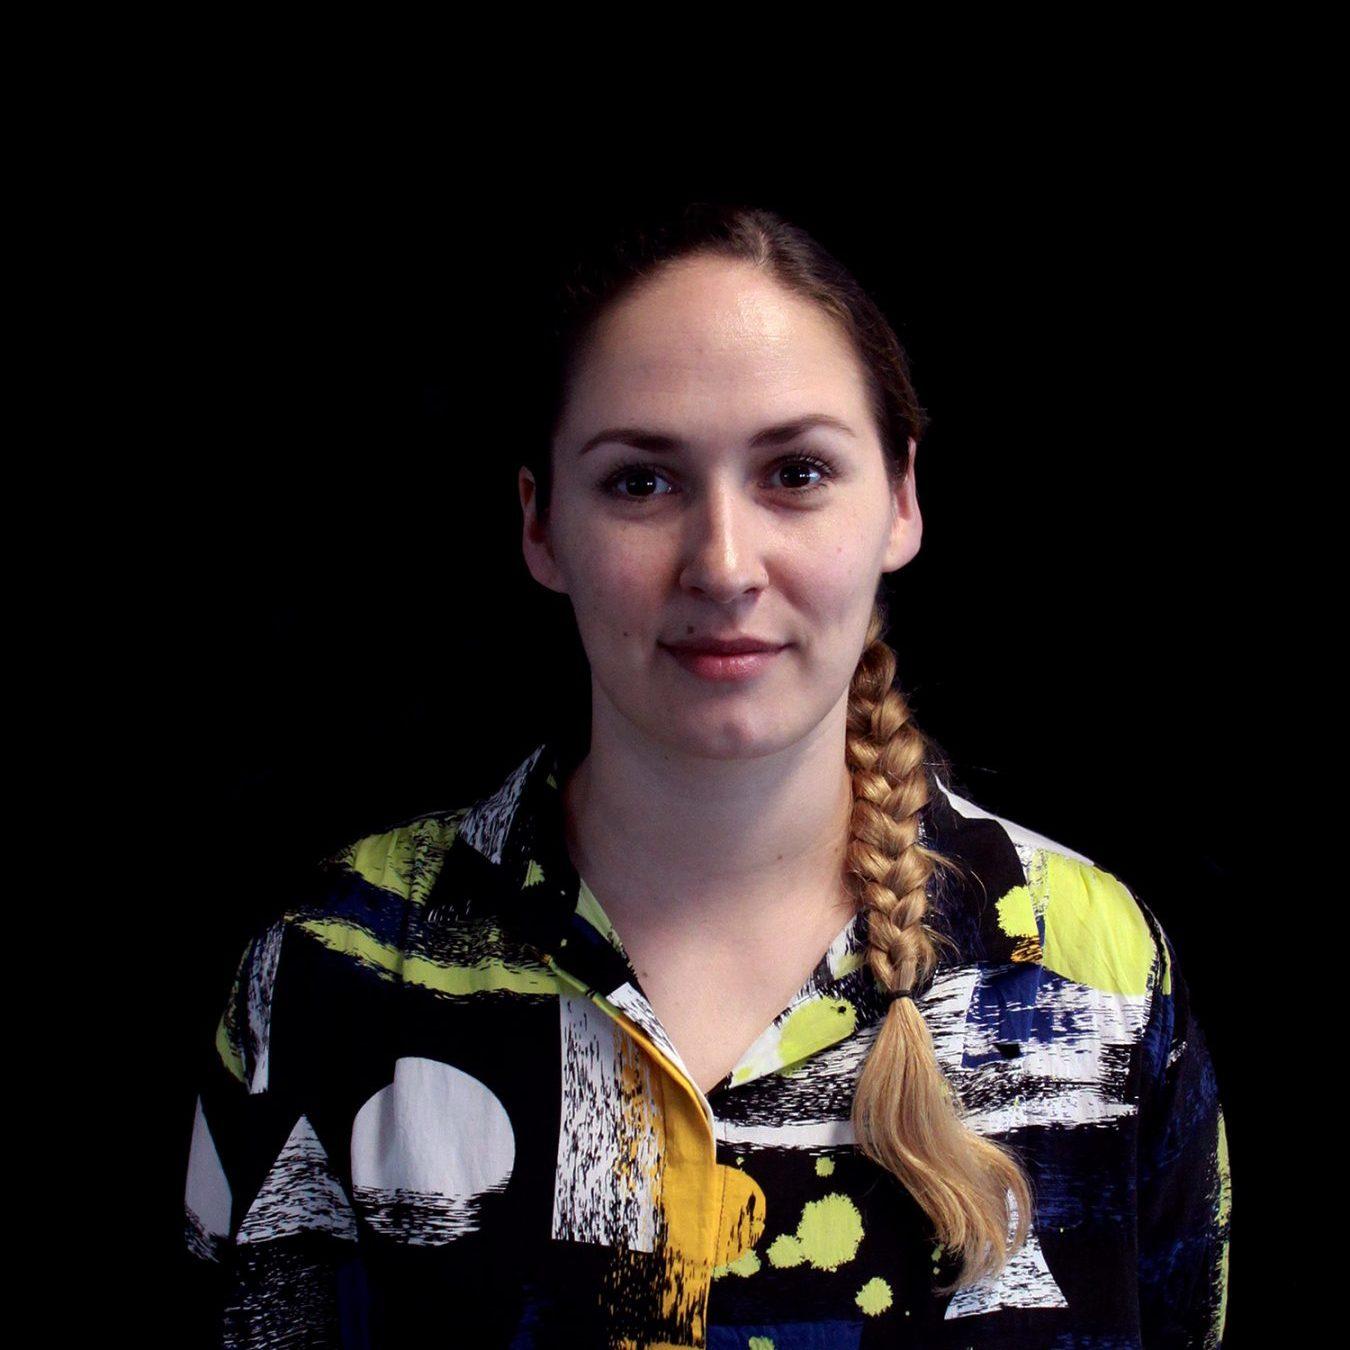 Julia Nurmio